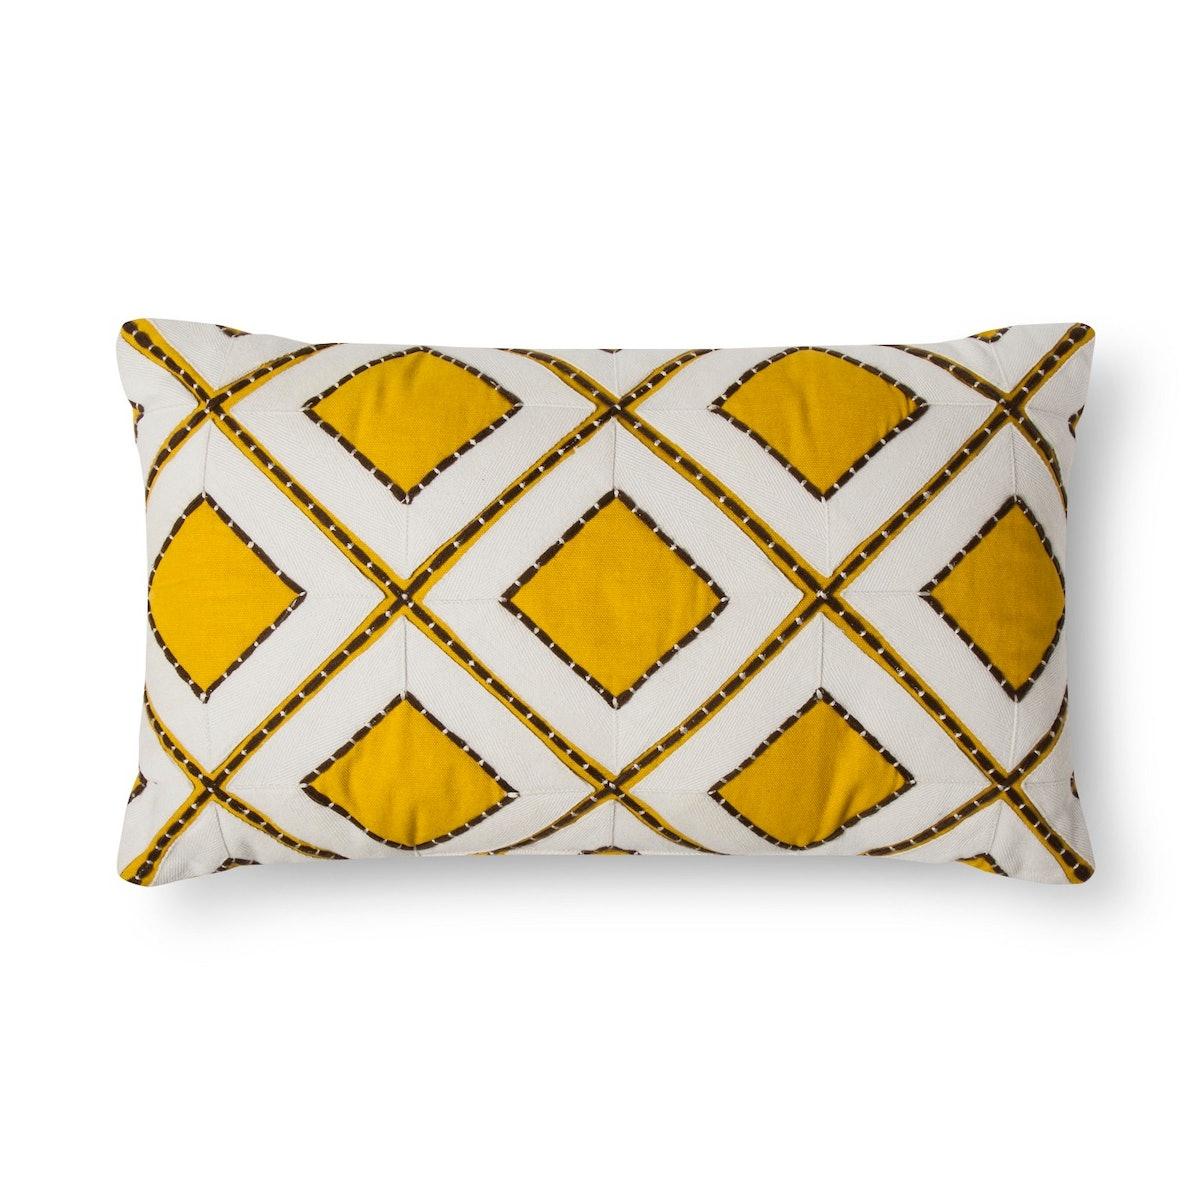 Threshold Yellow Stitch Diamond Oblong Throw Pillow